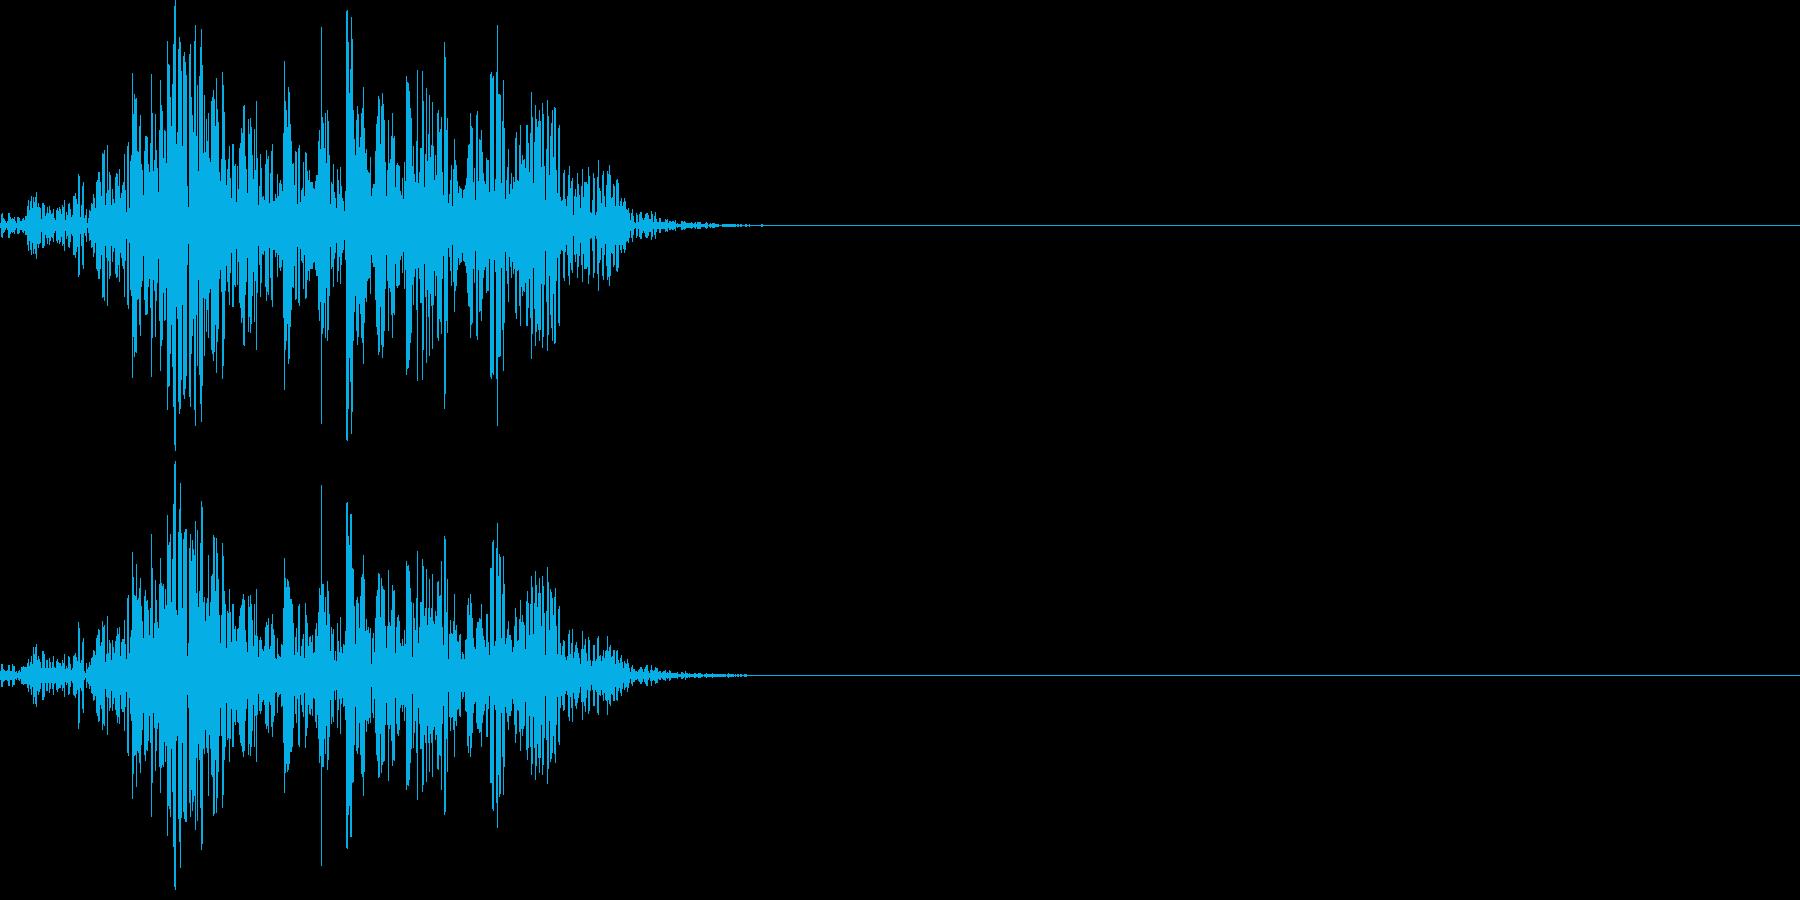 アフリカライオンの鳴き声(ケンカ)の再生済みの波形